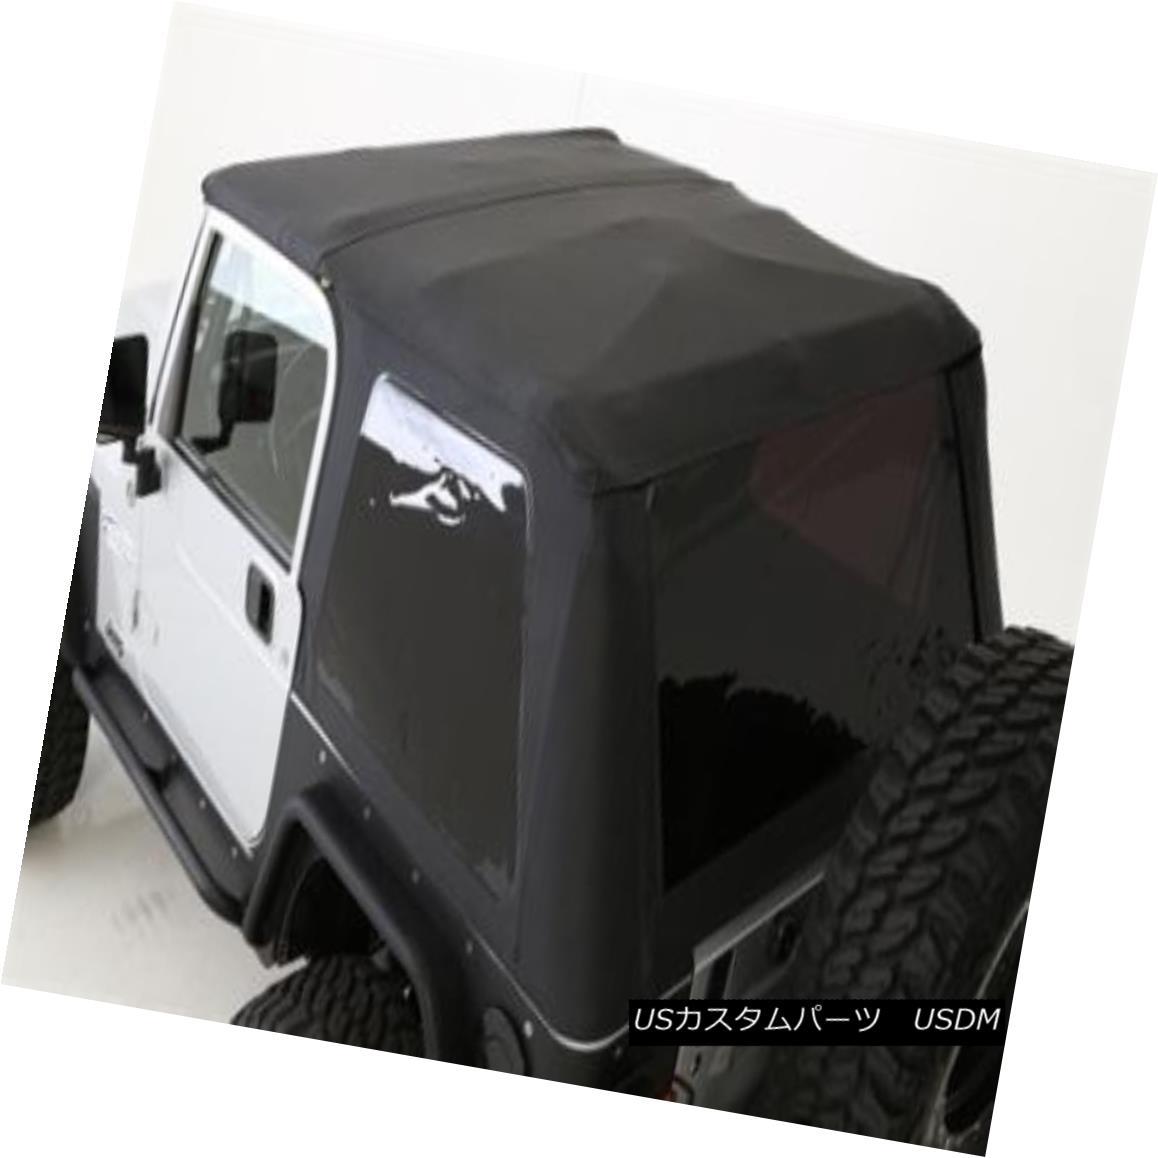 幌・ソフトトップ Jeep Wrangler TJ Bowless Soft Top Combo 97-06 OE Replacement Black 9973235 ジープラングラーTJボウレスソフトトップコンボ97-06 OE交換用ブラック9973235